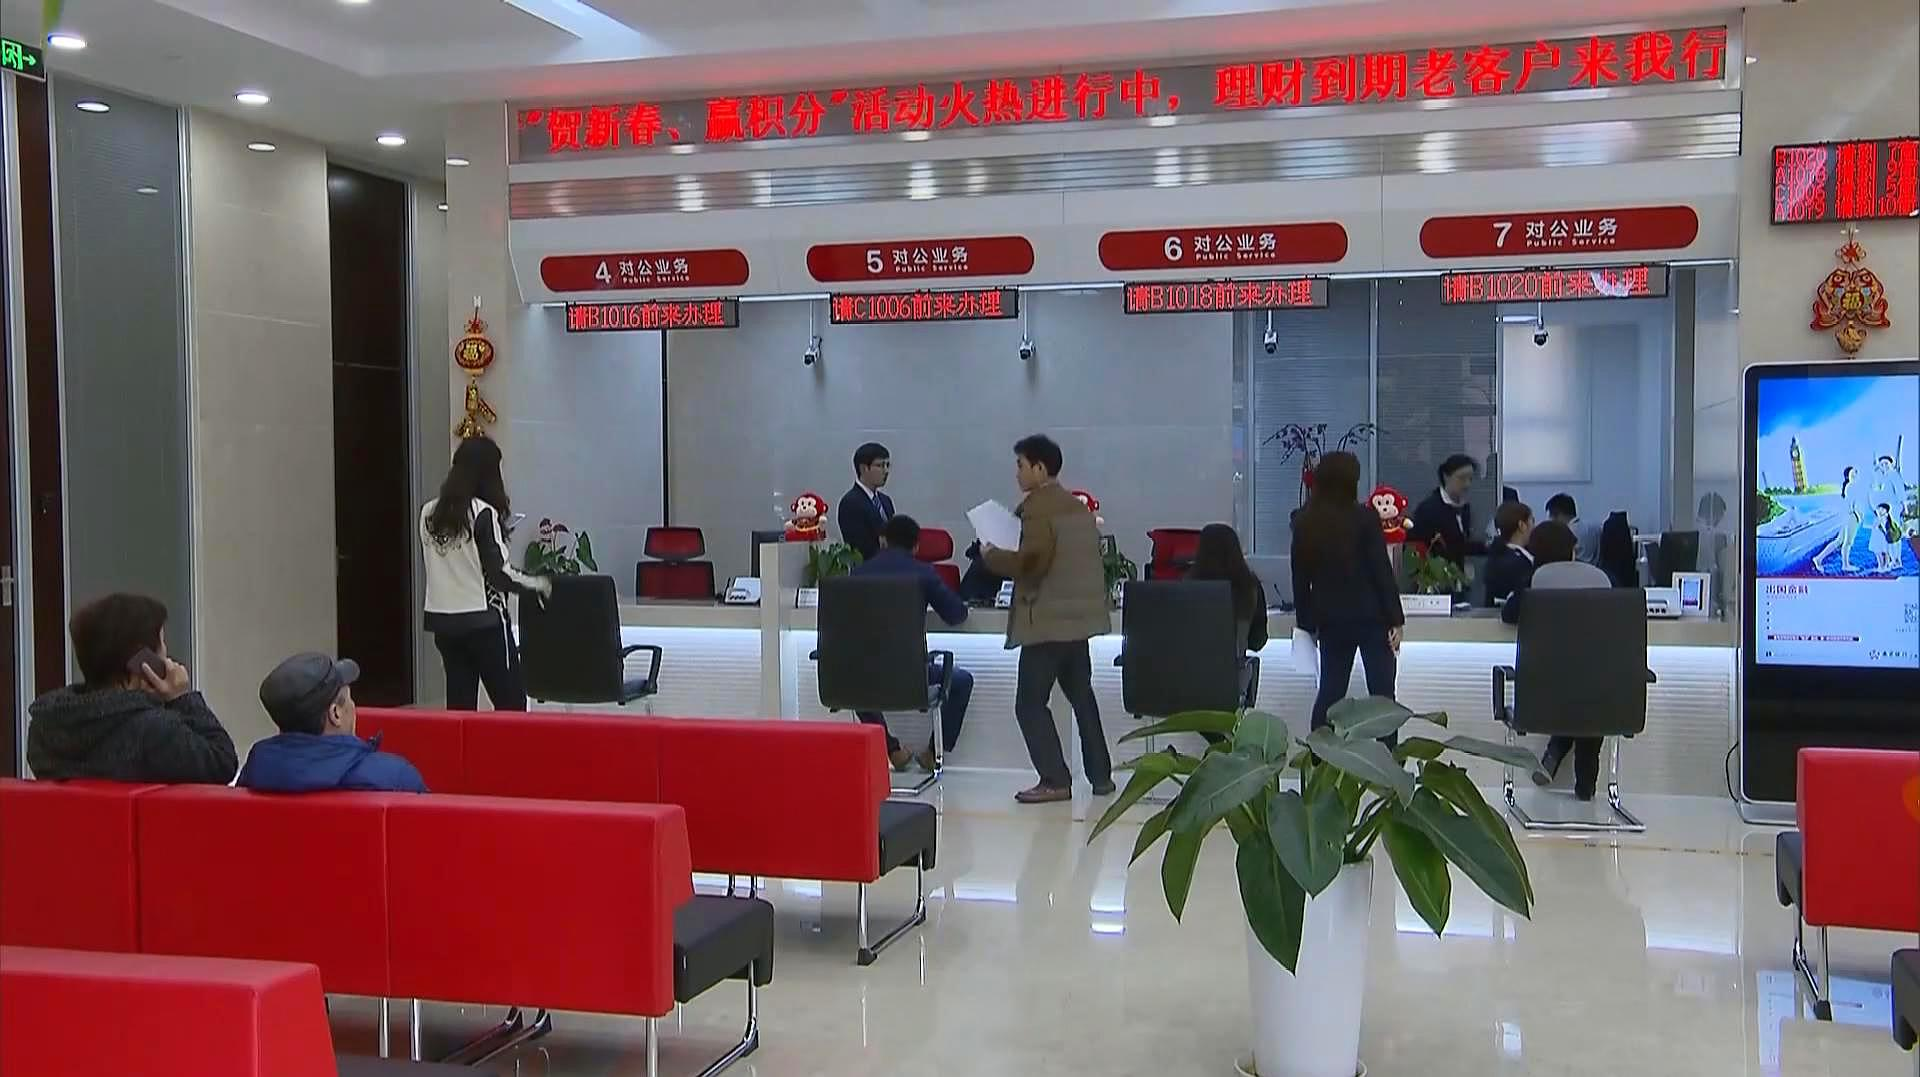 管姚:今天的股市就是读懂了刘鹤的访谈